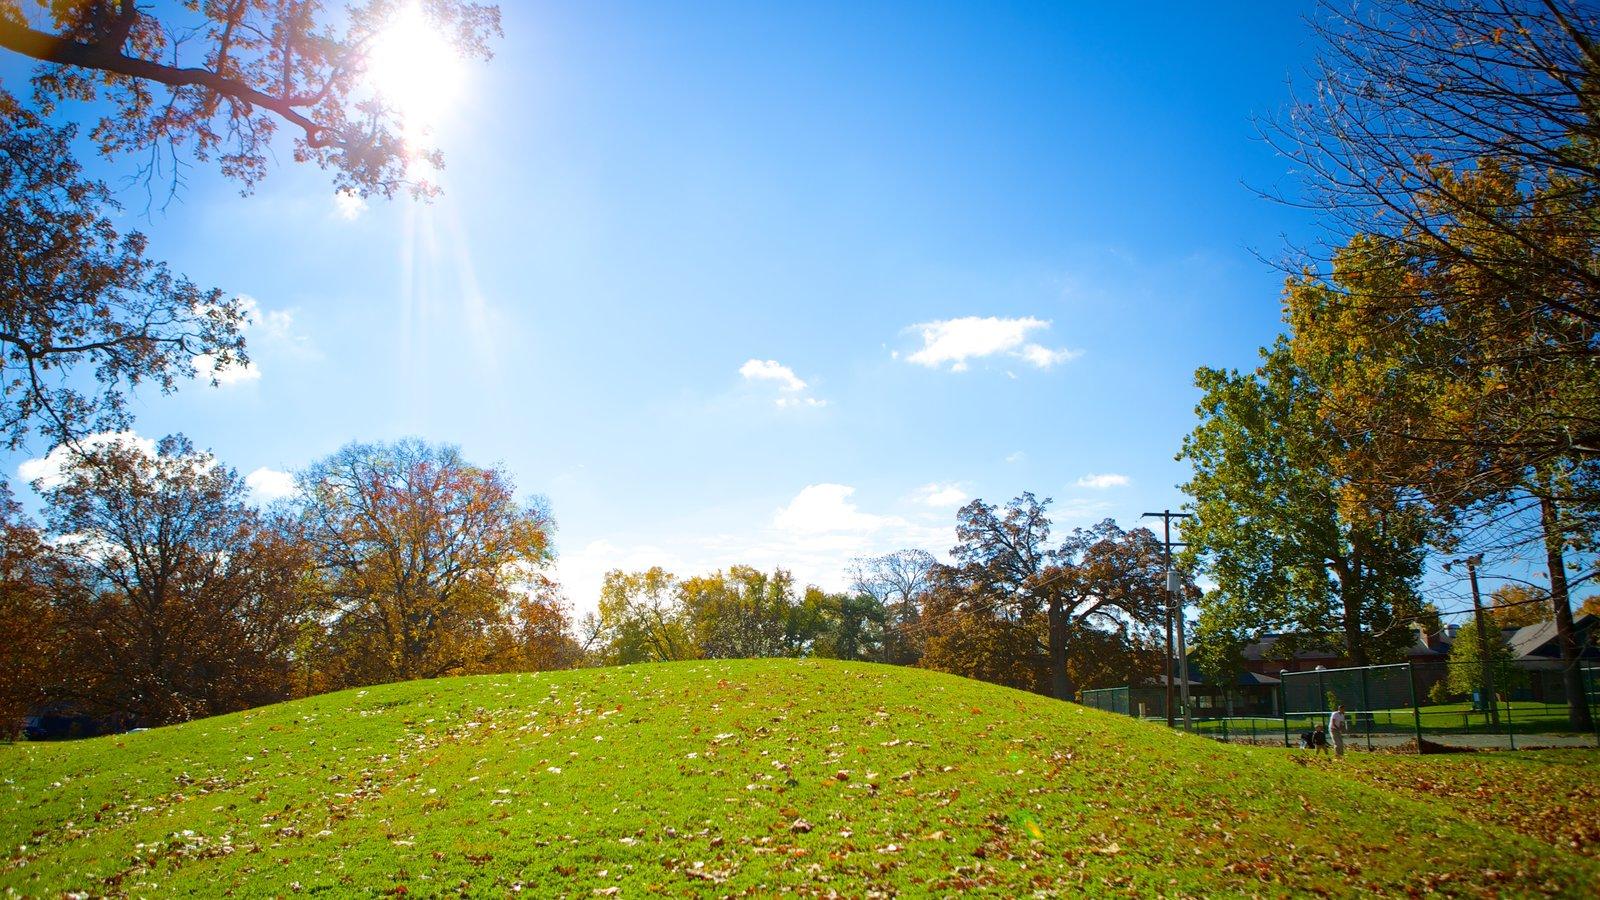 Schiller Park showing a garden